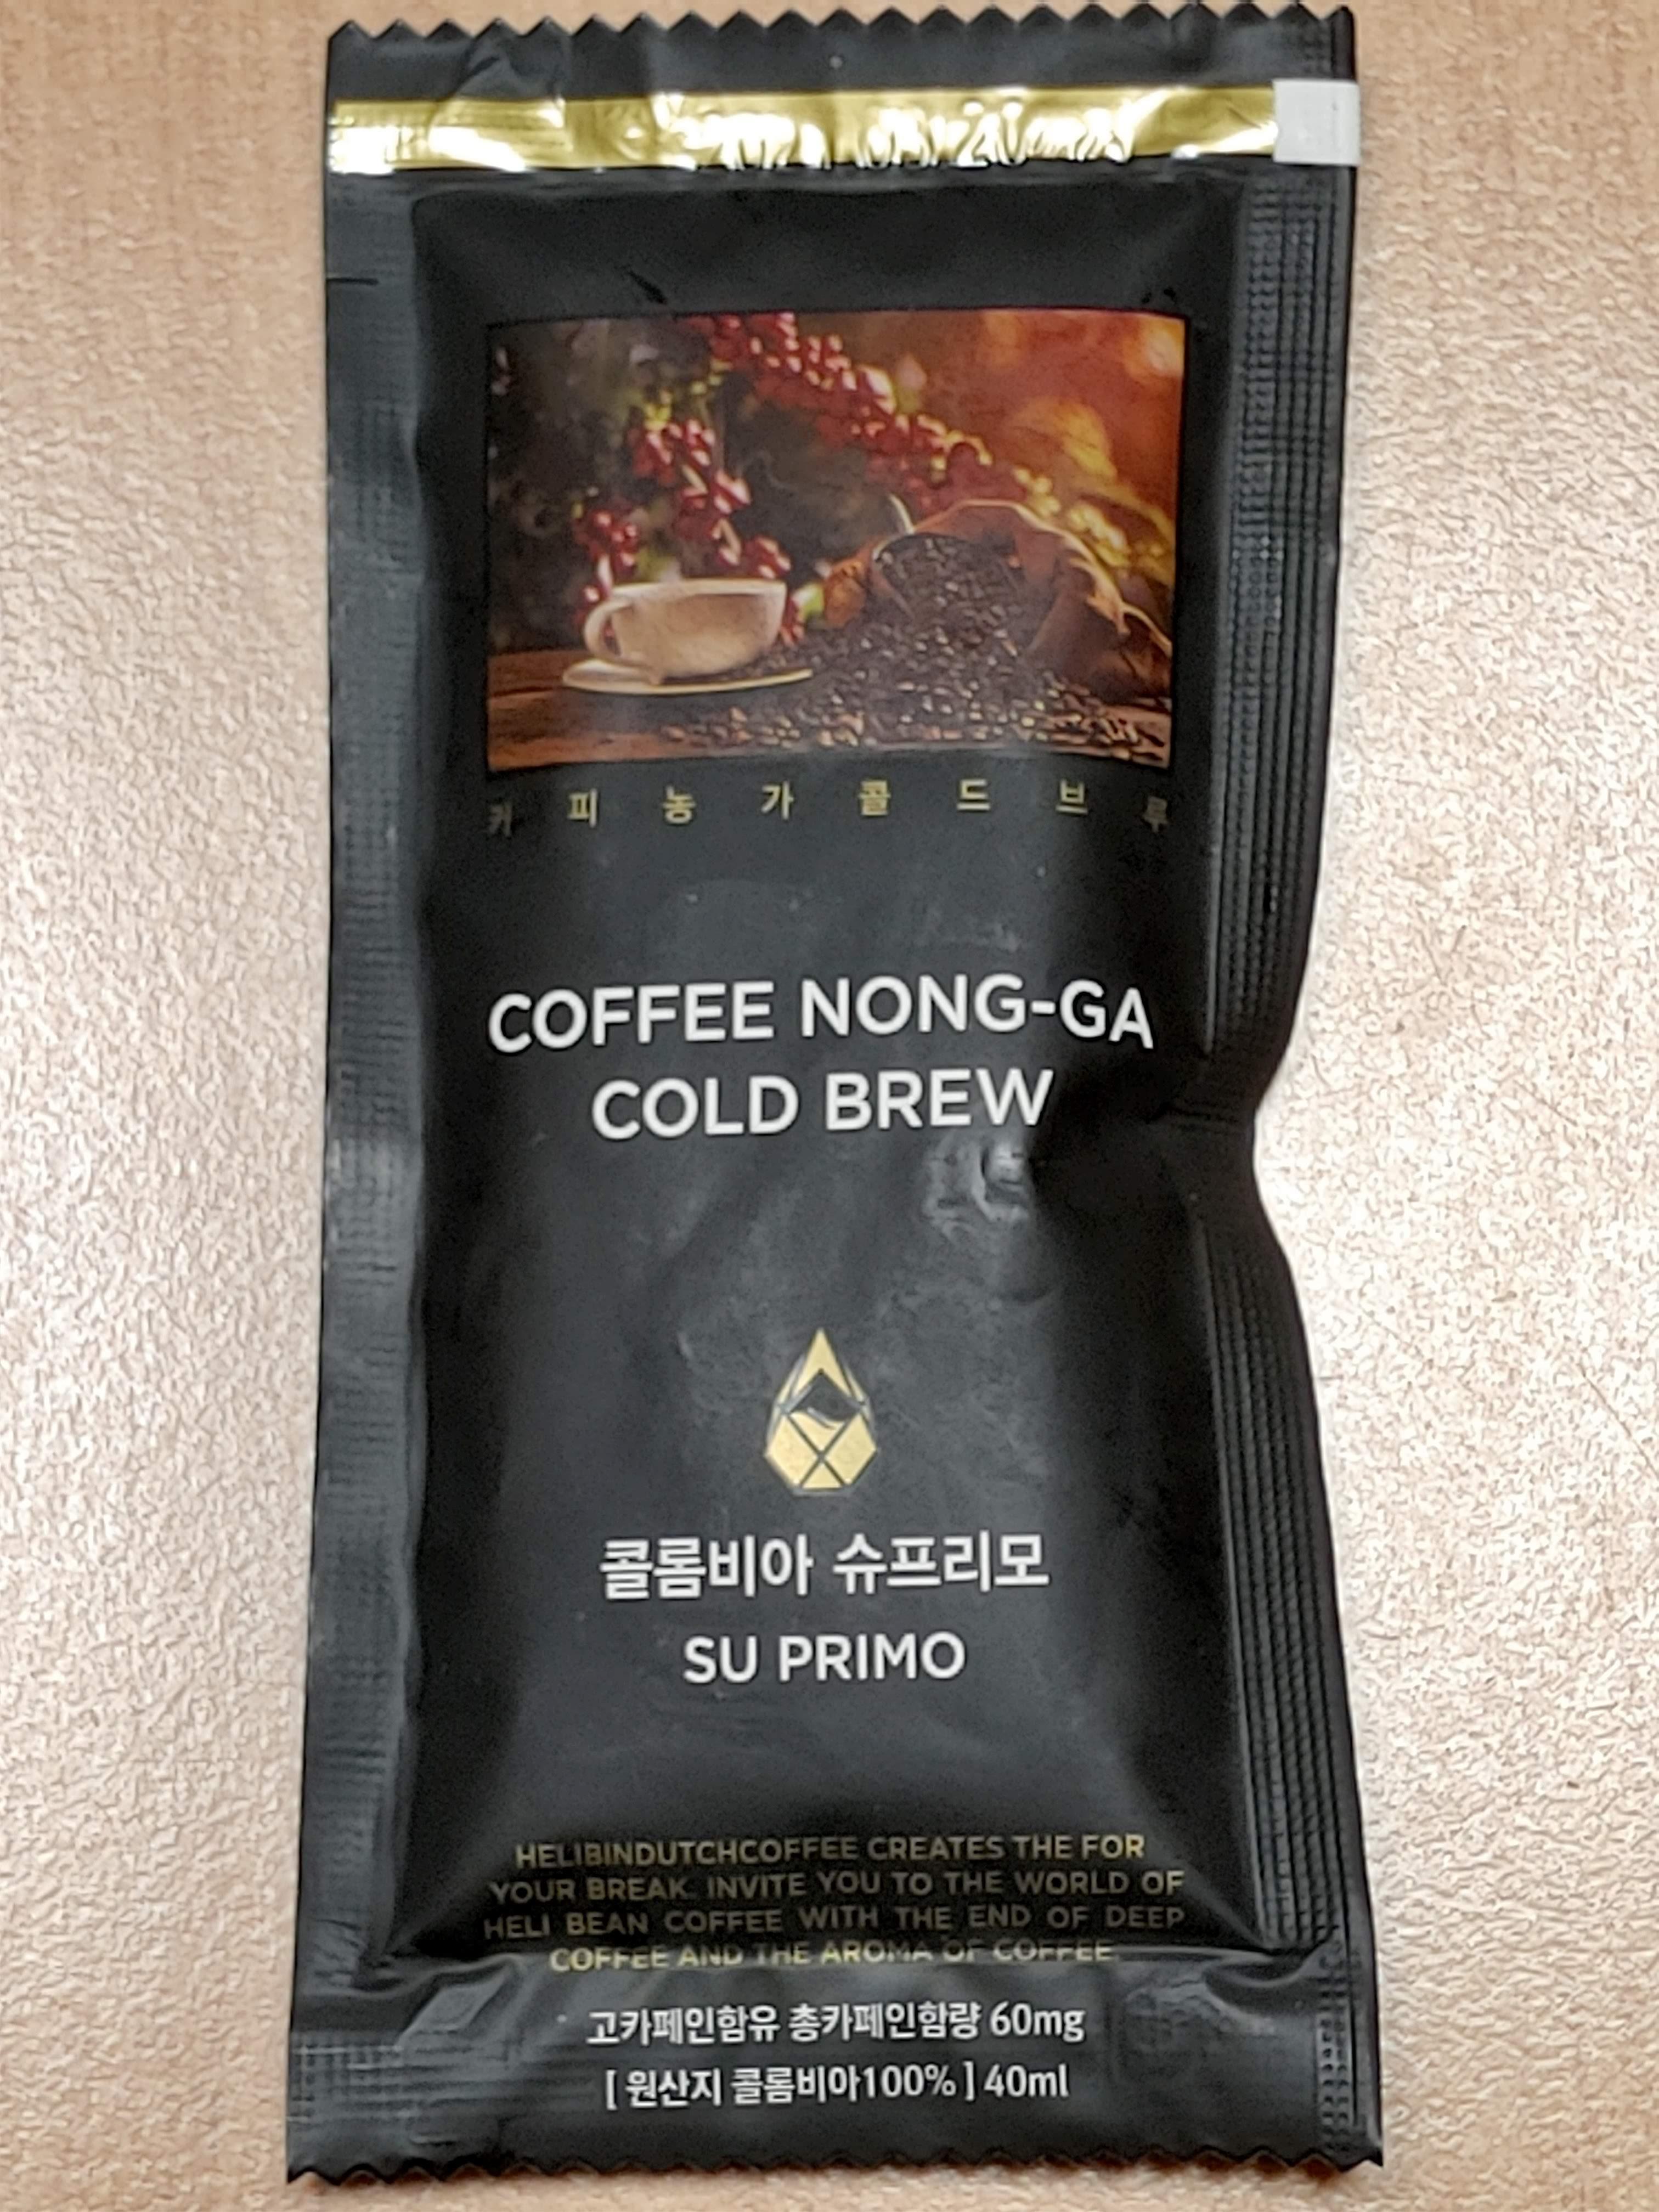 [액상커피] 간편하게 즐기는 콜드브루, 커피 농가 콜드 브루